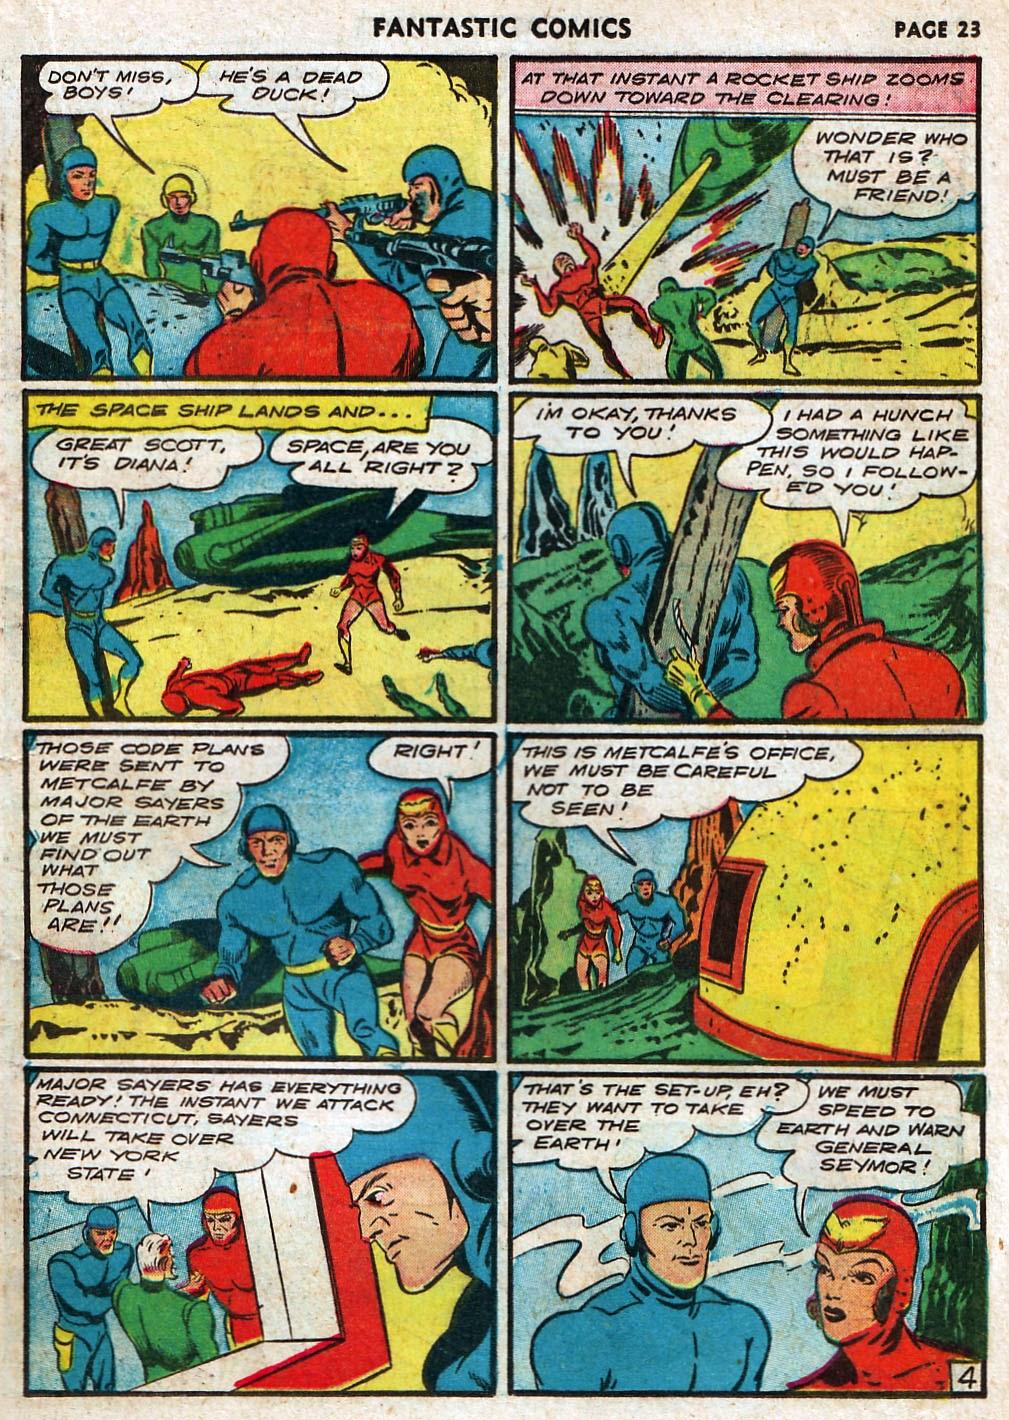 Read online Fantastic Comics comic -  Issue #17 - 25